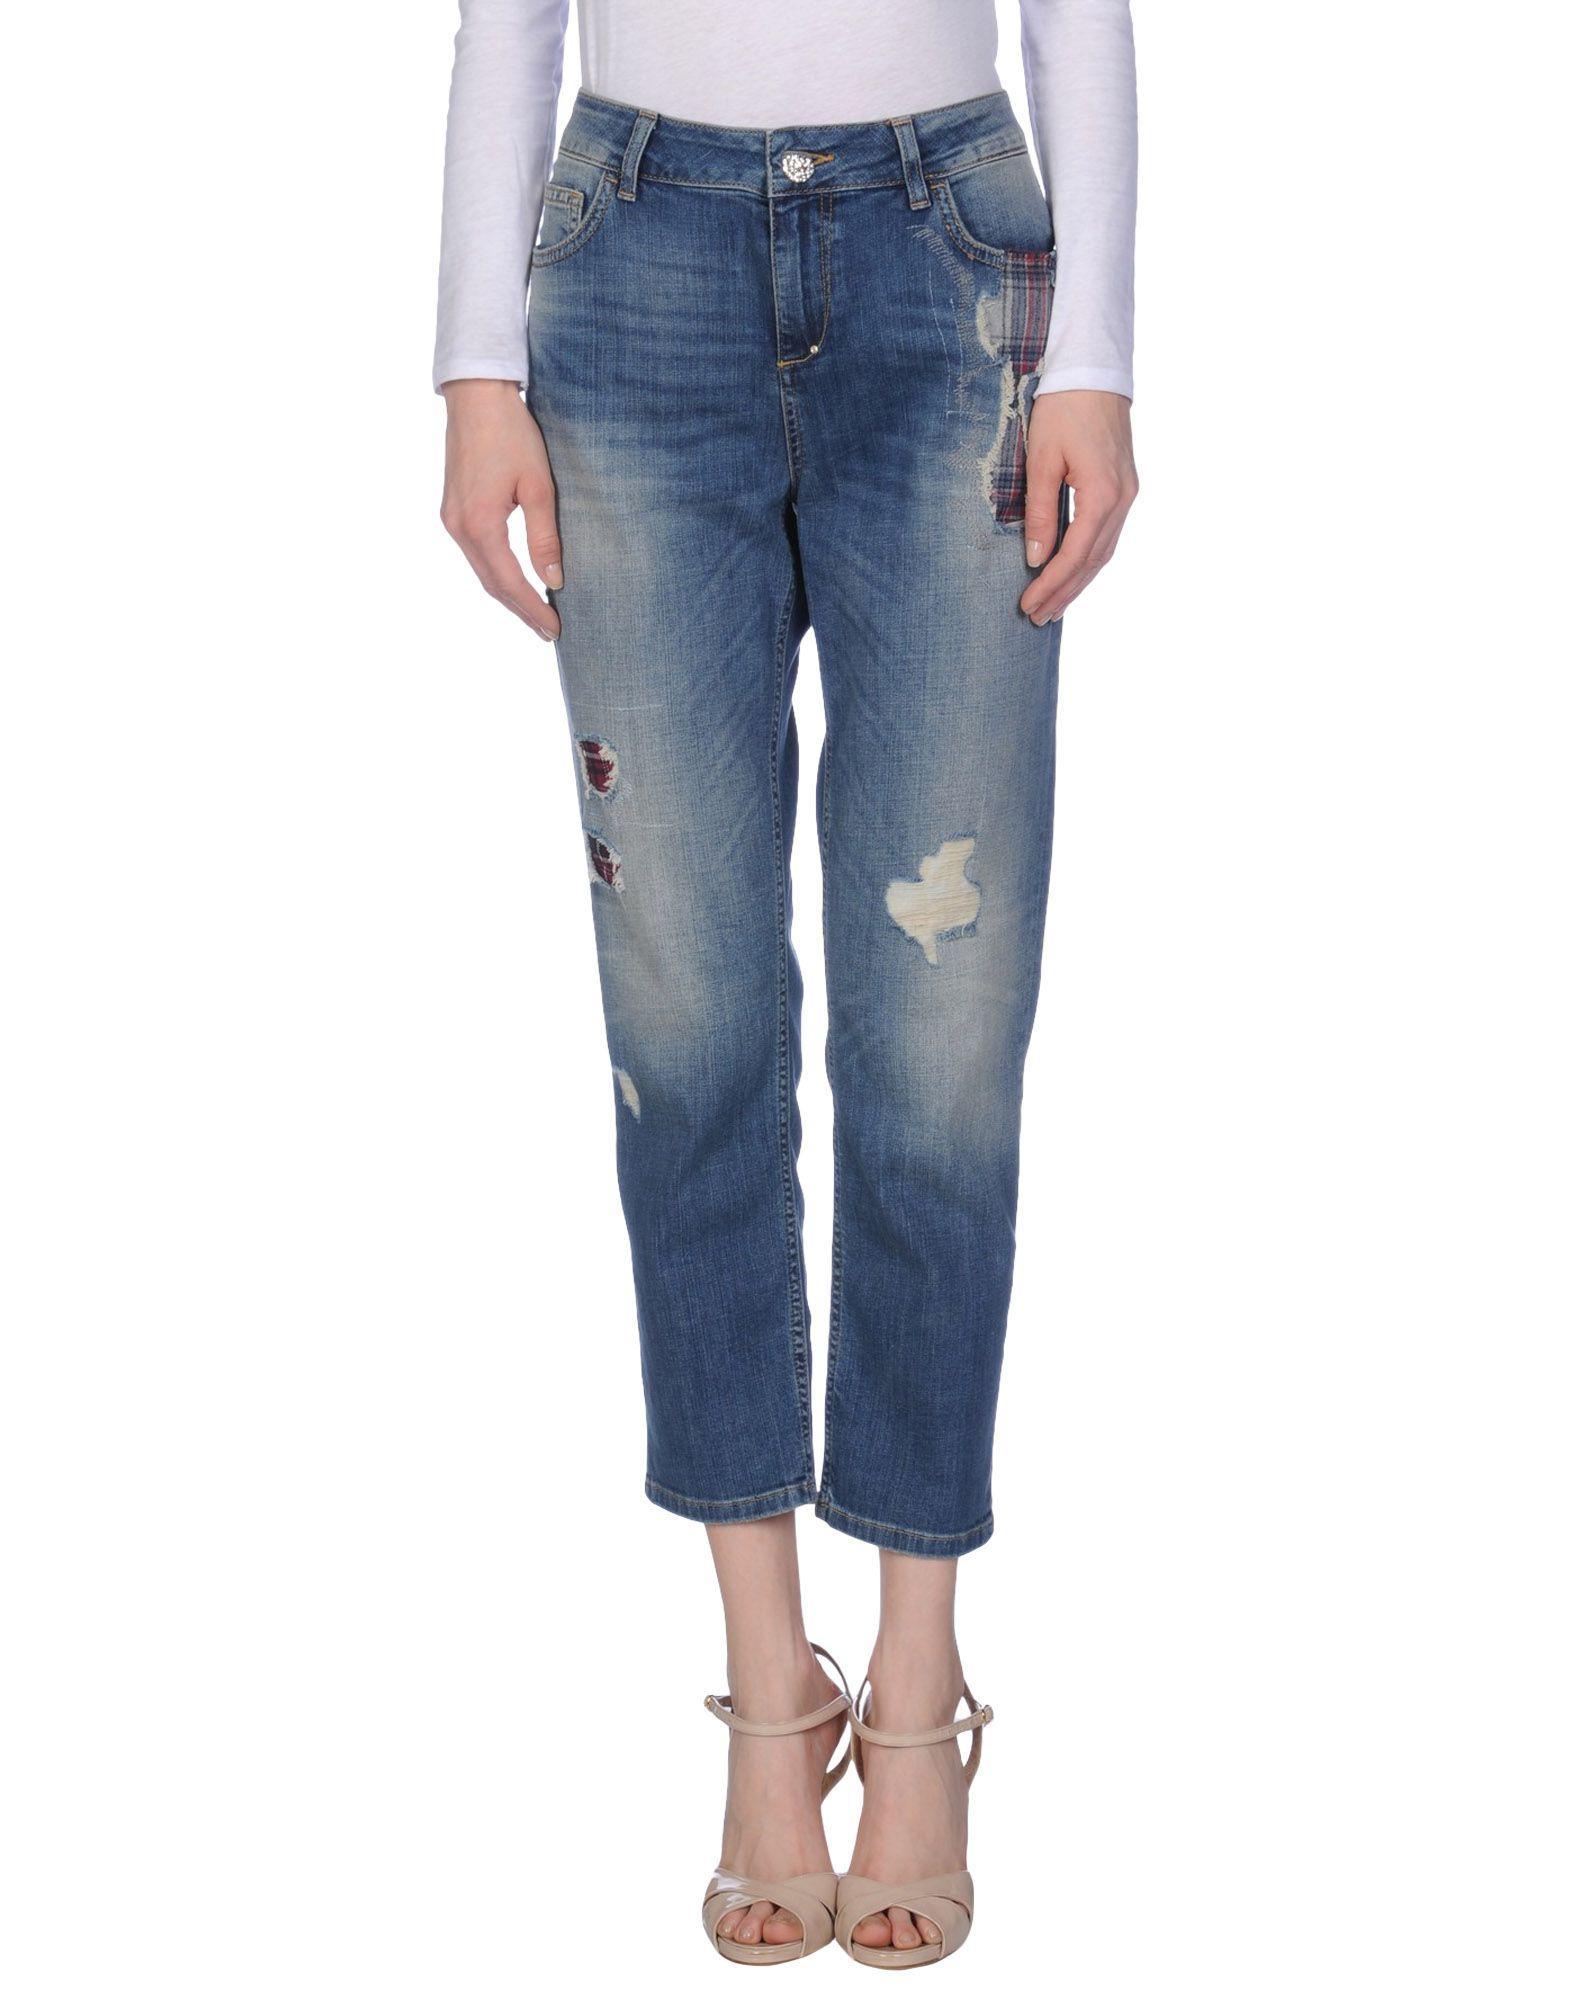 Liu •jo Jeans In Blue